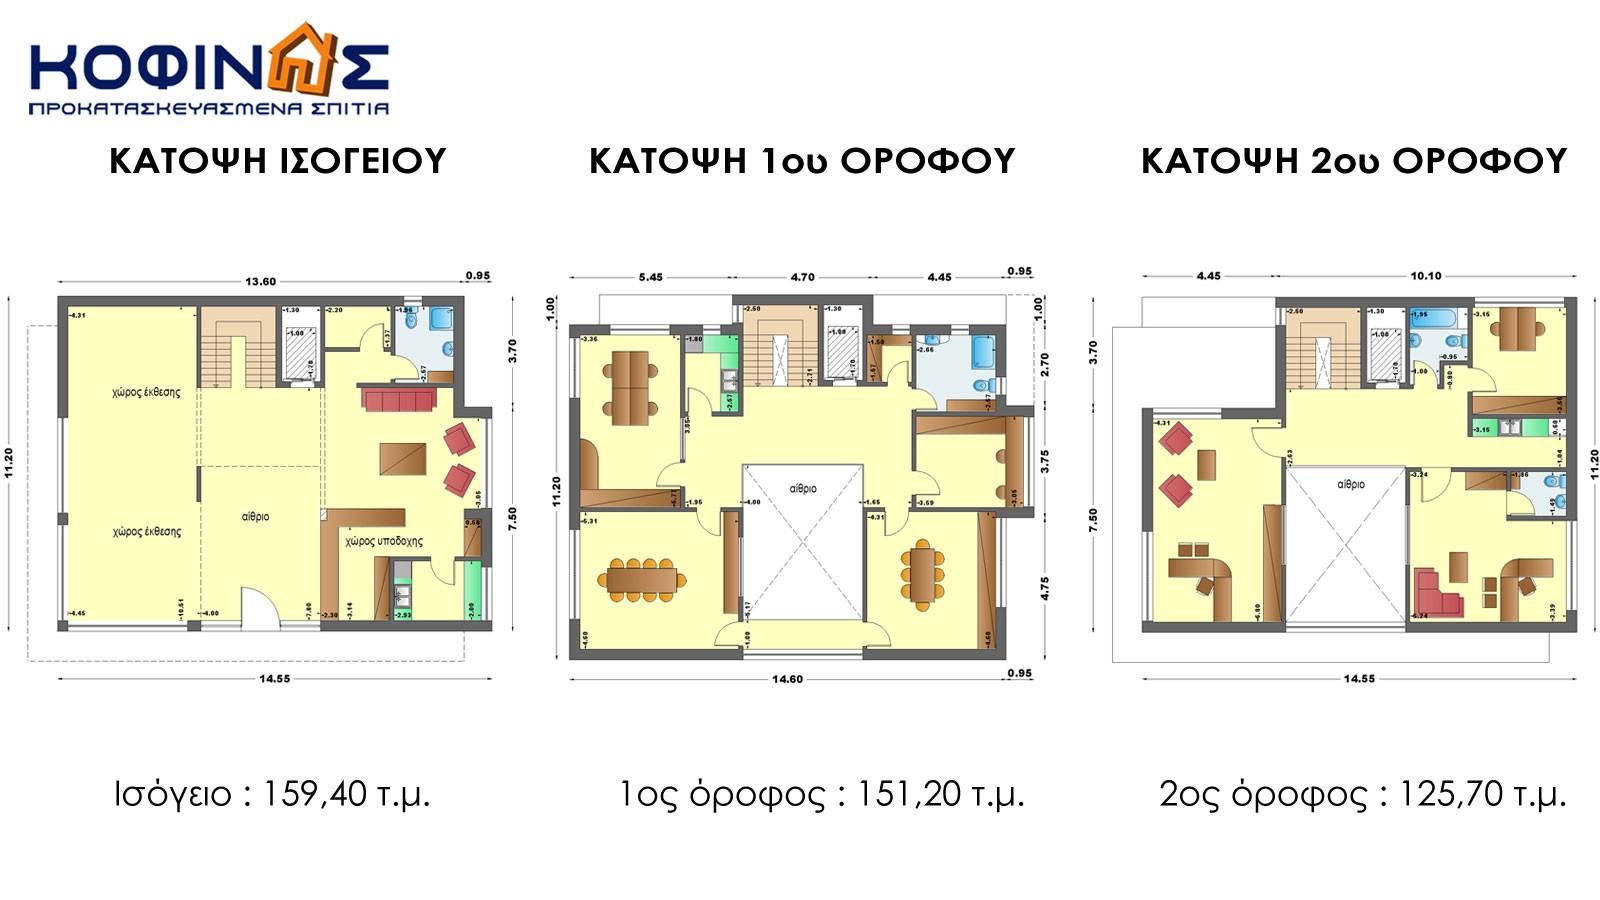 Τριώροφo Κτήριο Γραφείων με Αίθριο E-436, συνολικής επιφάνειας 436,30 τ.μ.